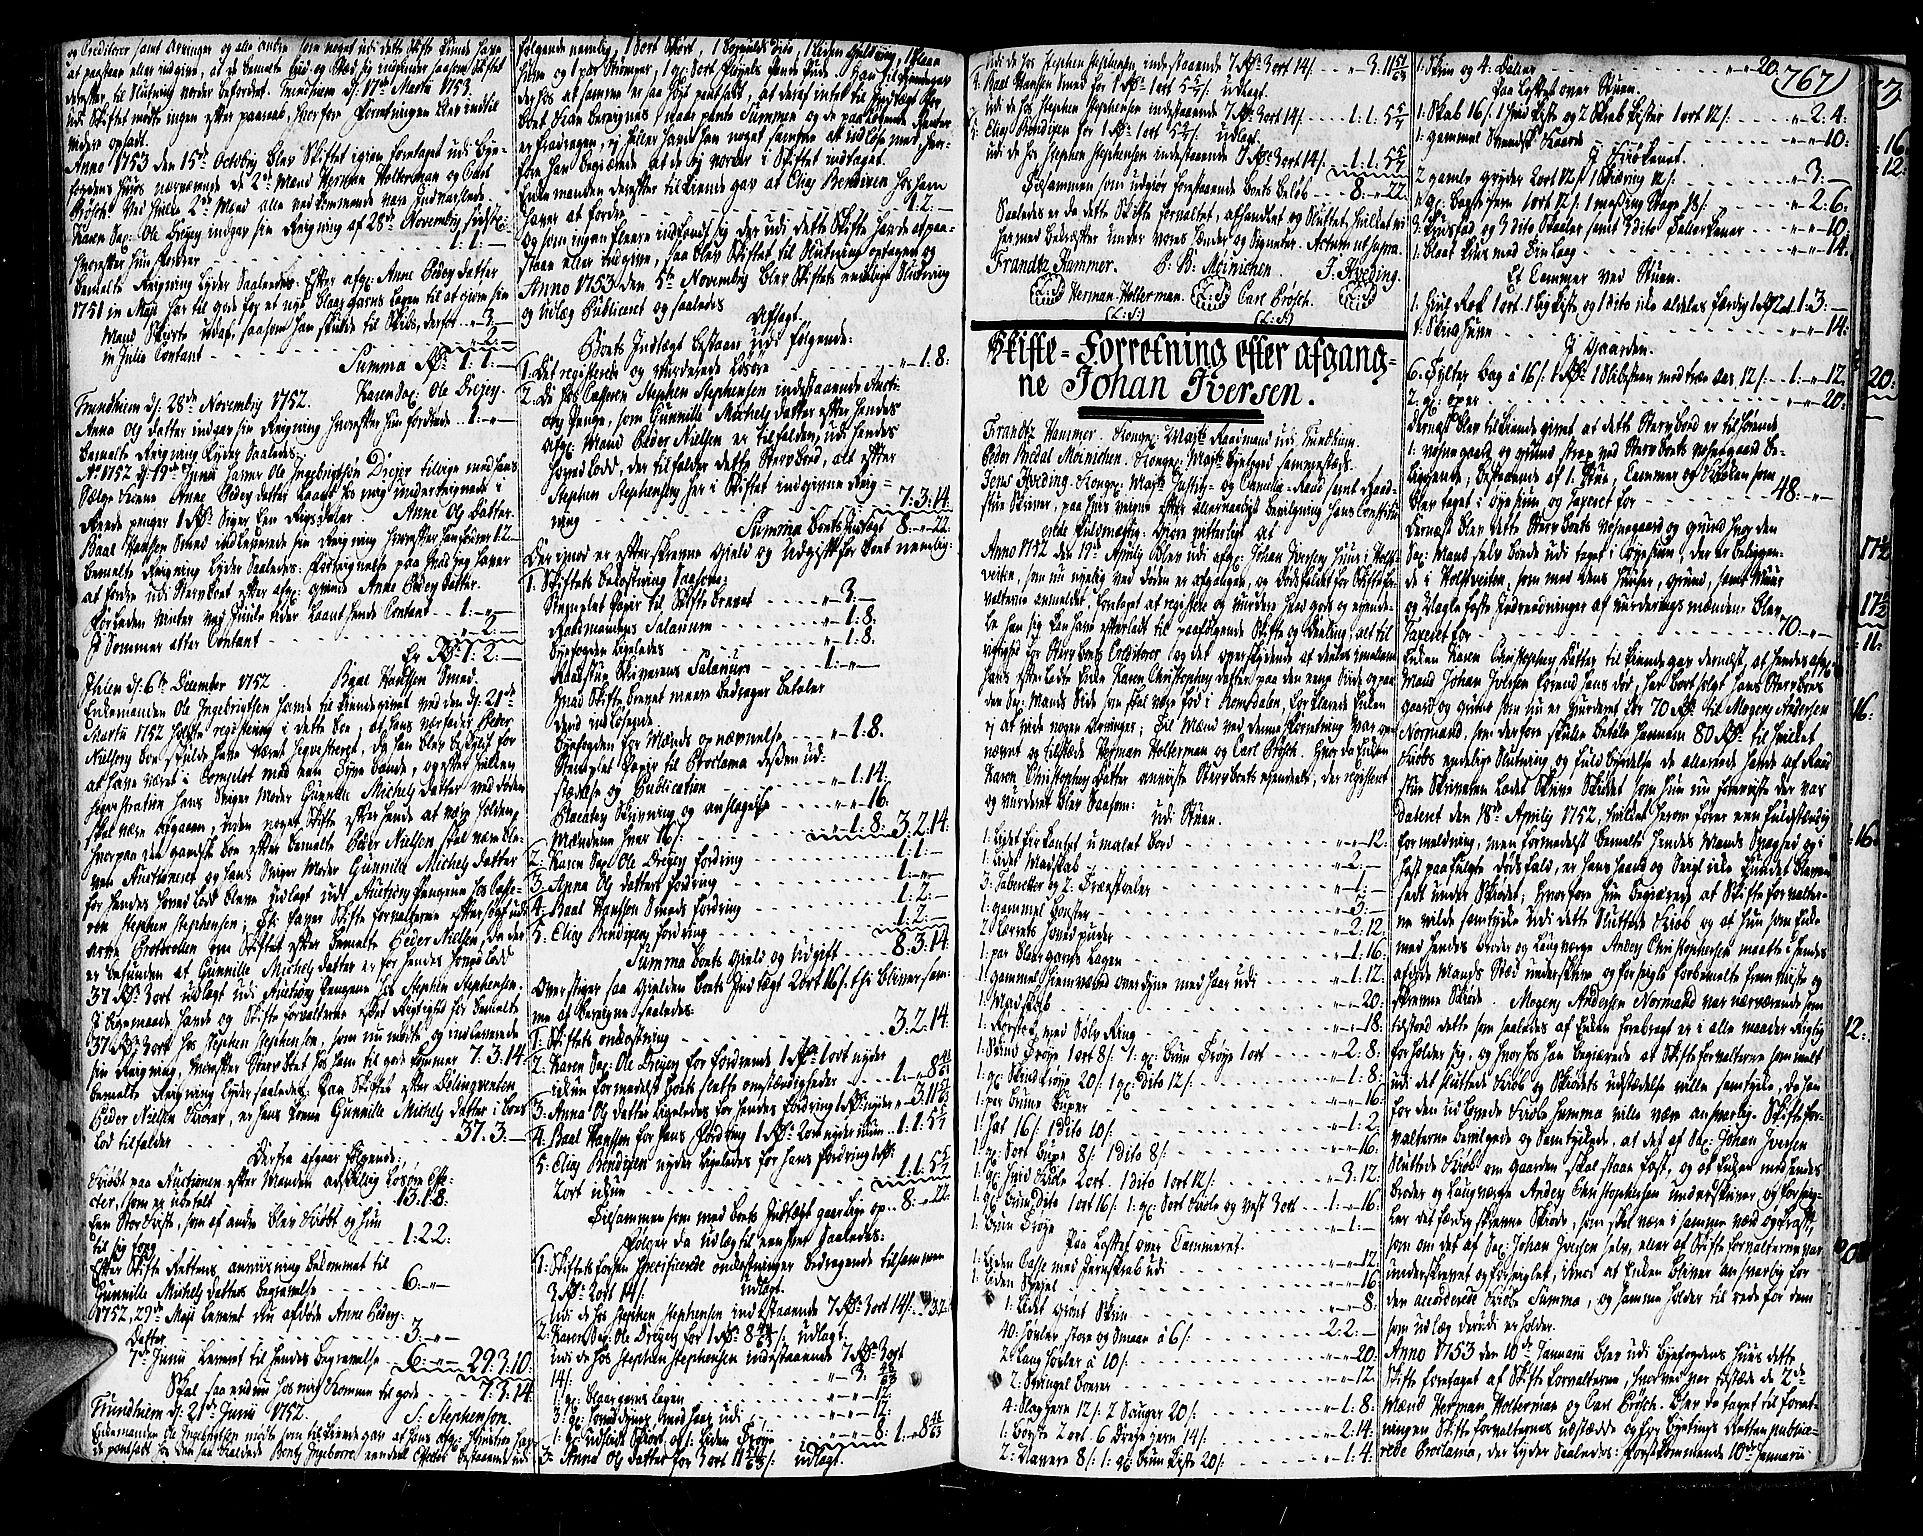 SAT, Trondheim byfogd, 3/3A/L0017: Skifteprotokoll - gml.nr.14b. (m/ register), 1751-1753, s. 767